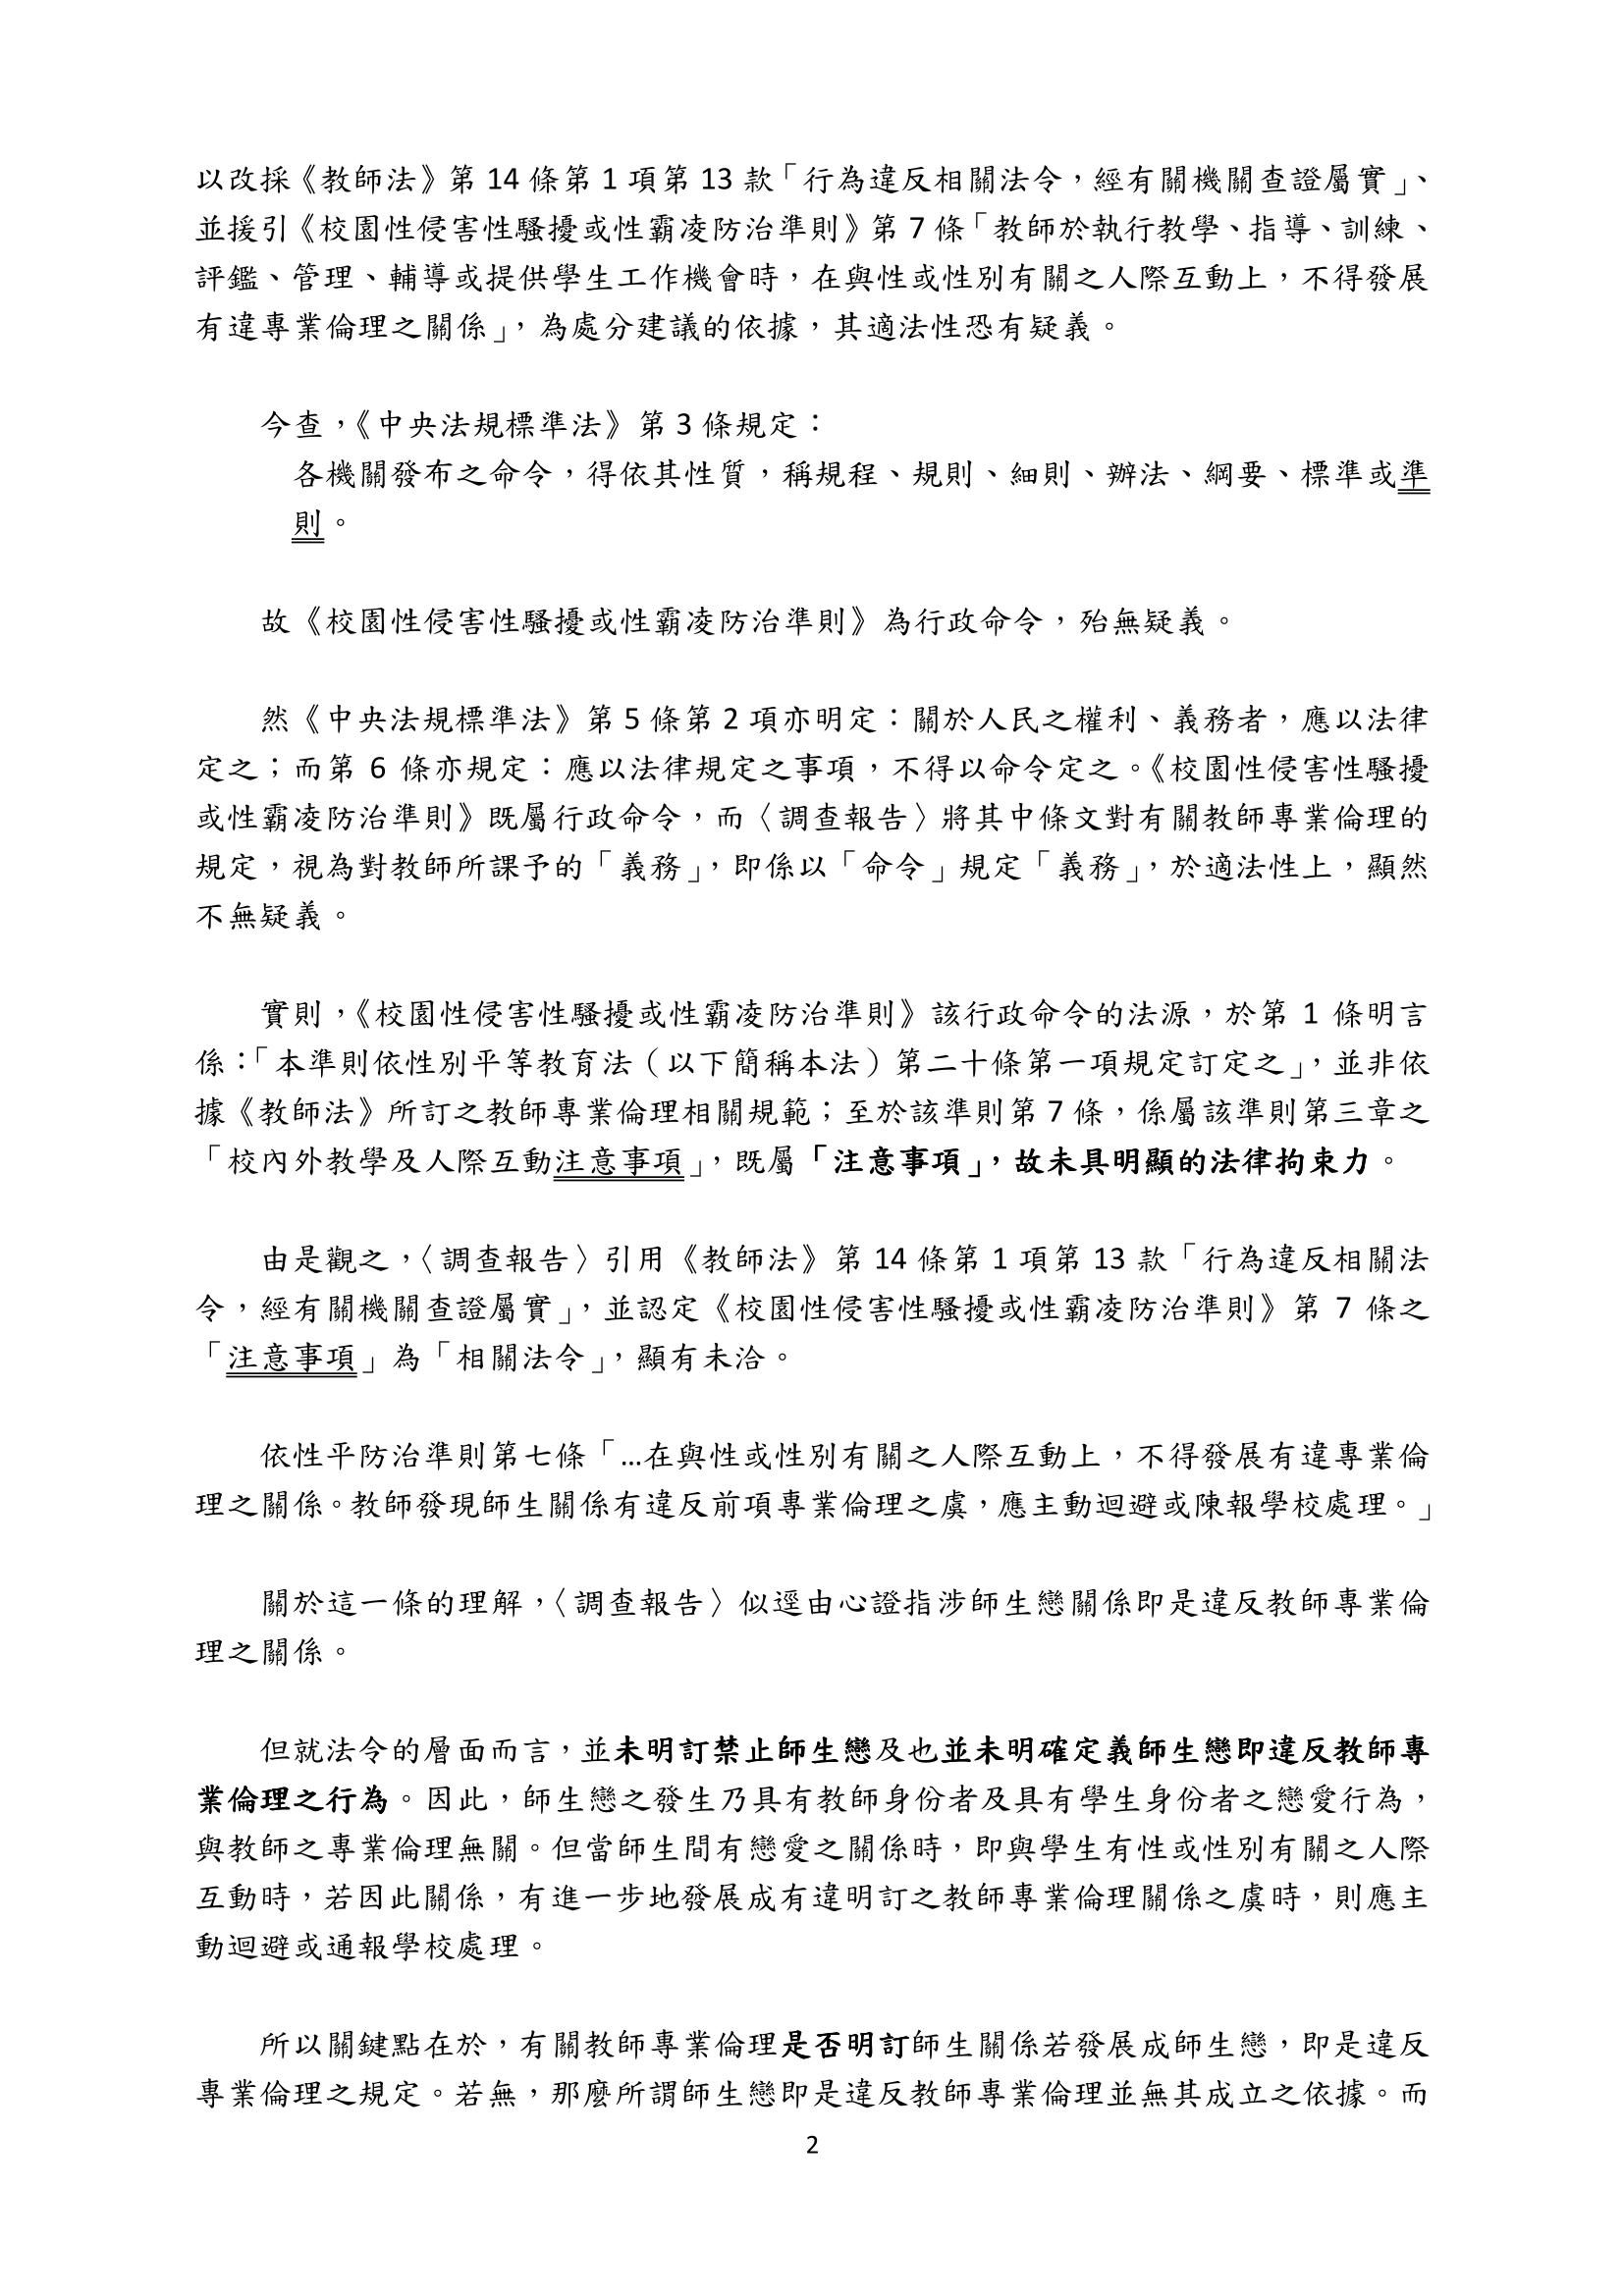 20190626致教評會意見陳述書-2.png